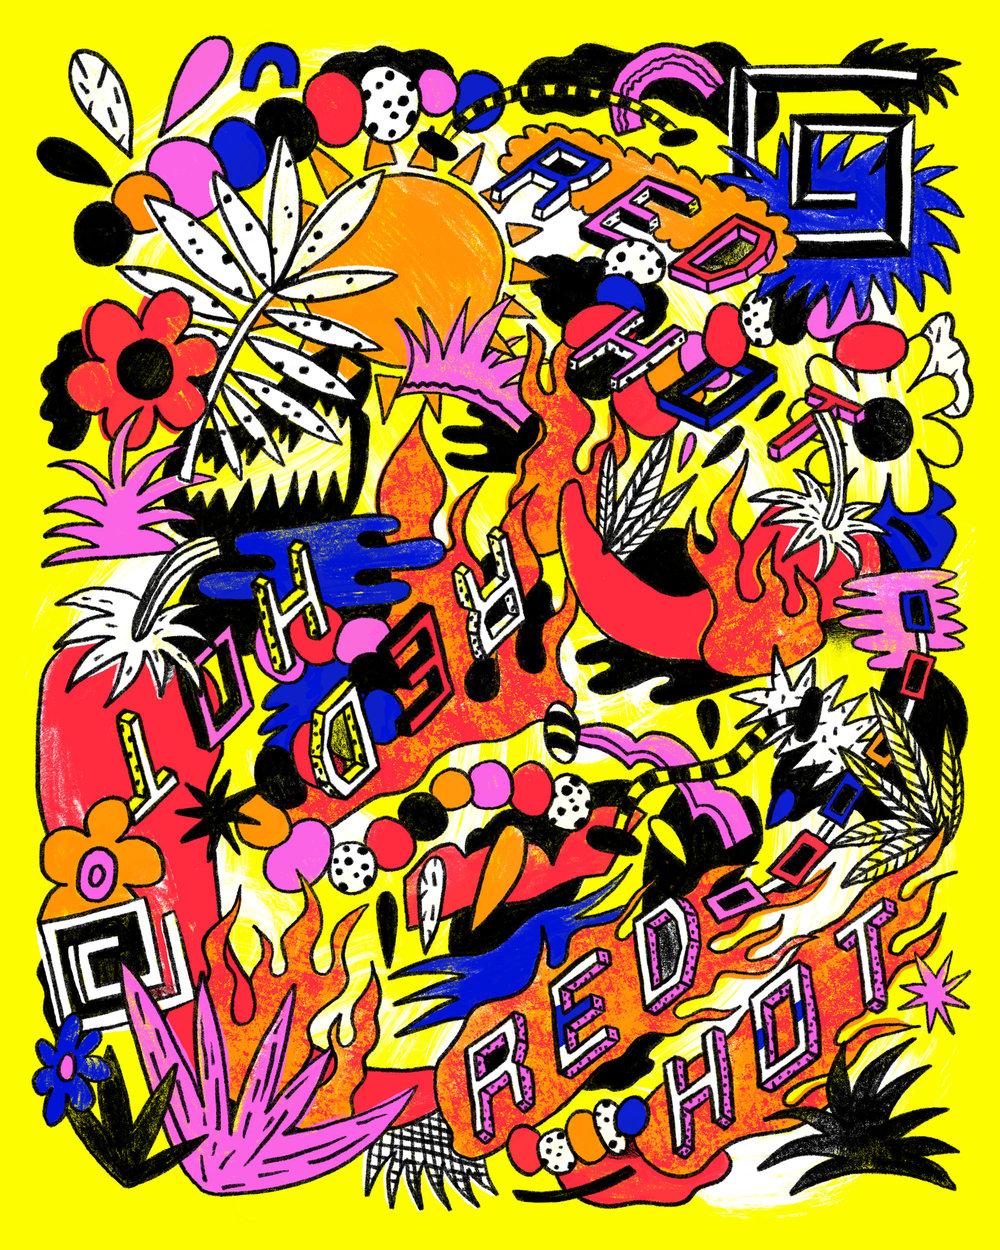 club_heat_poster_16x20_3.jpg